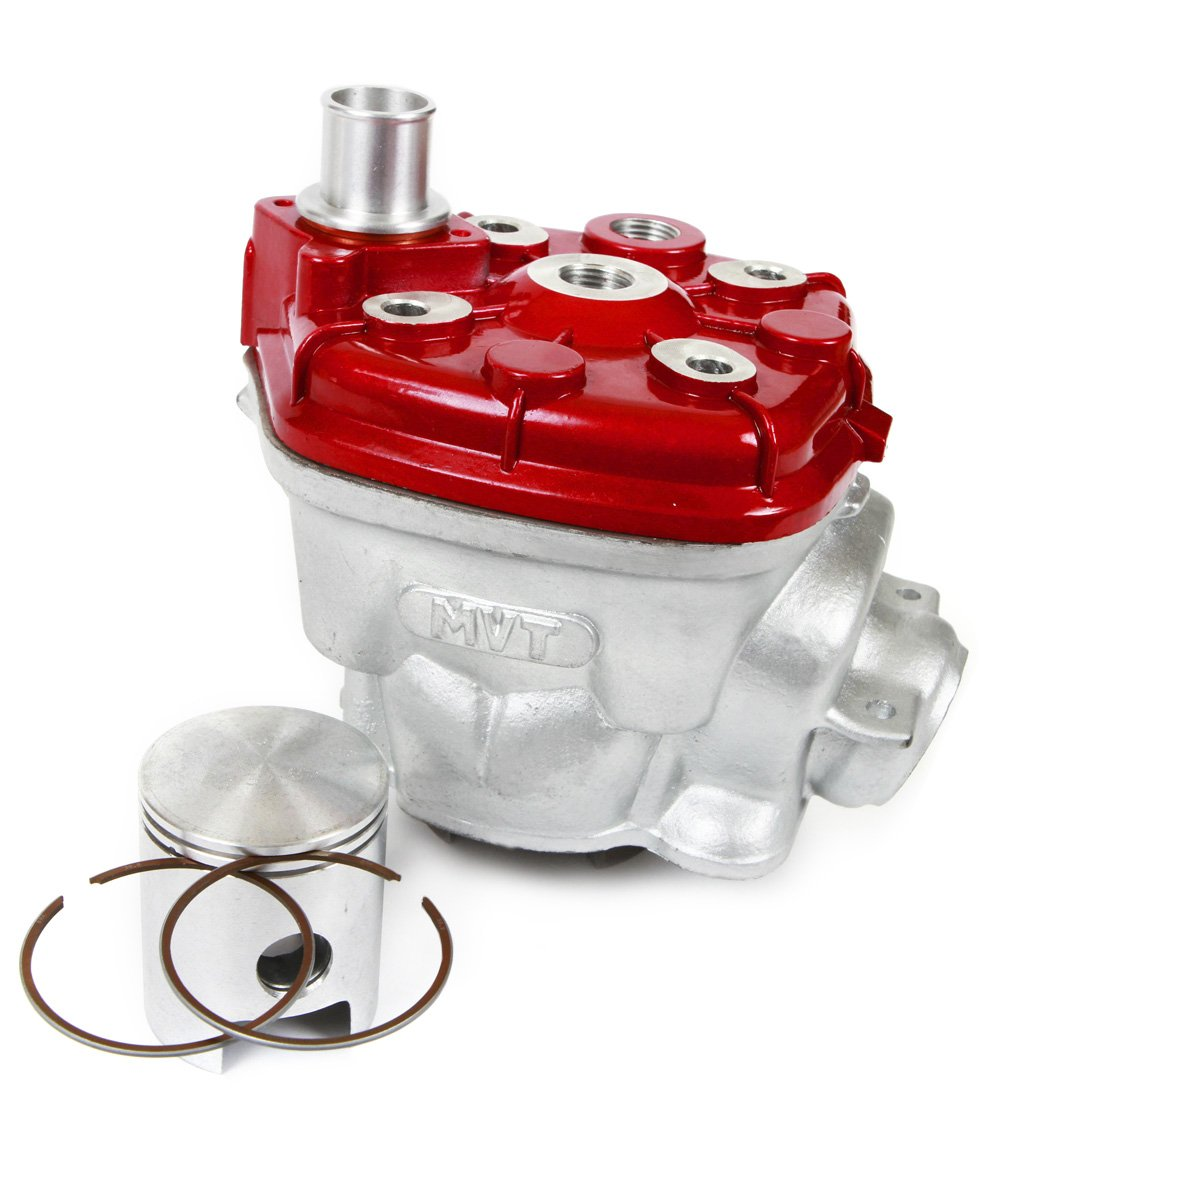 MVT 033007 Haut Moteur Iron Max Fonte Adaptateur AM6 Cylindre et Culasse SACIM Distribution